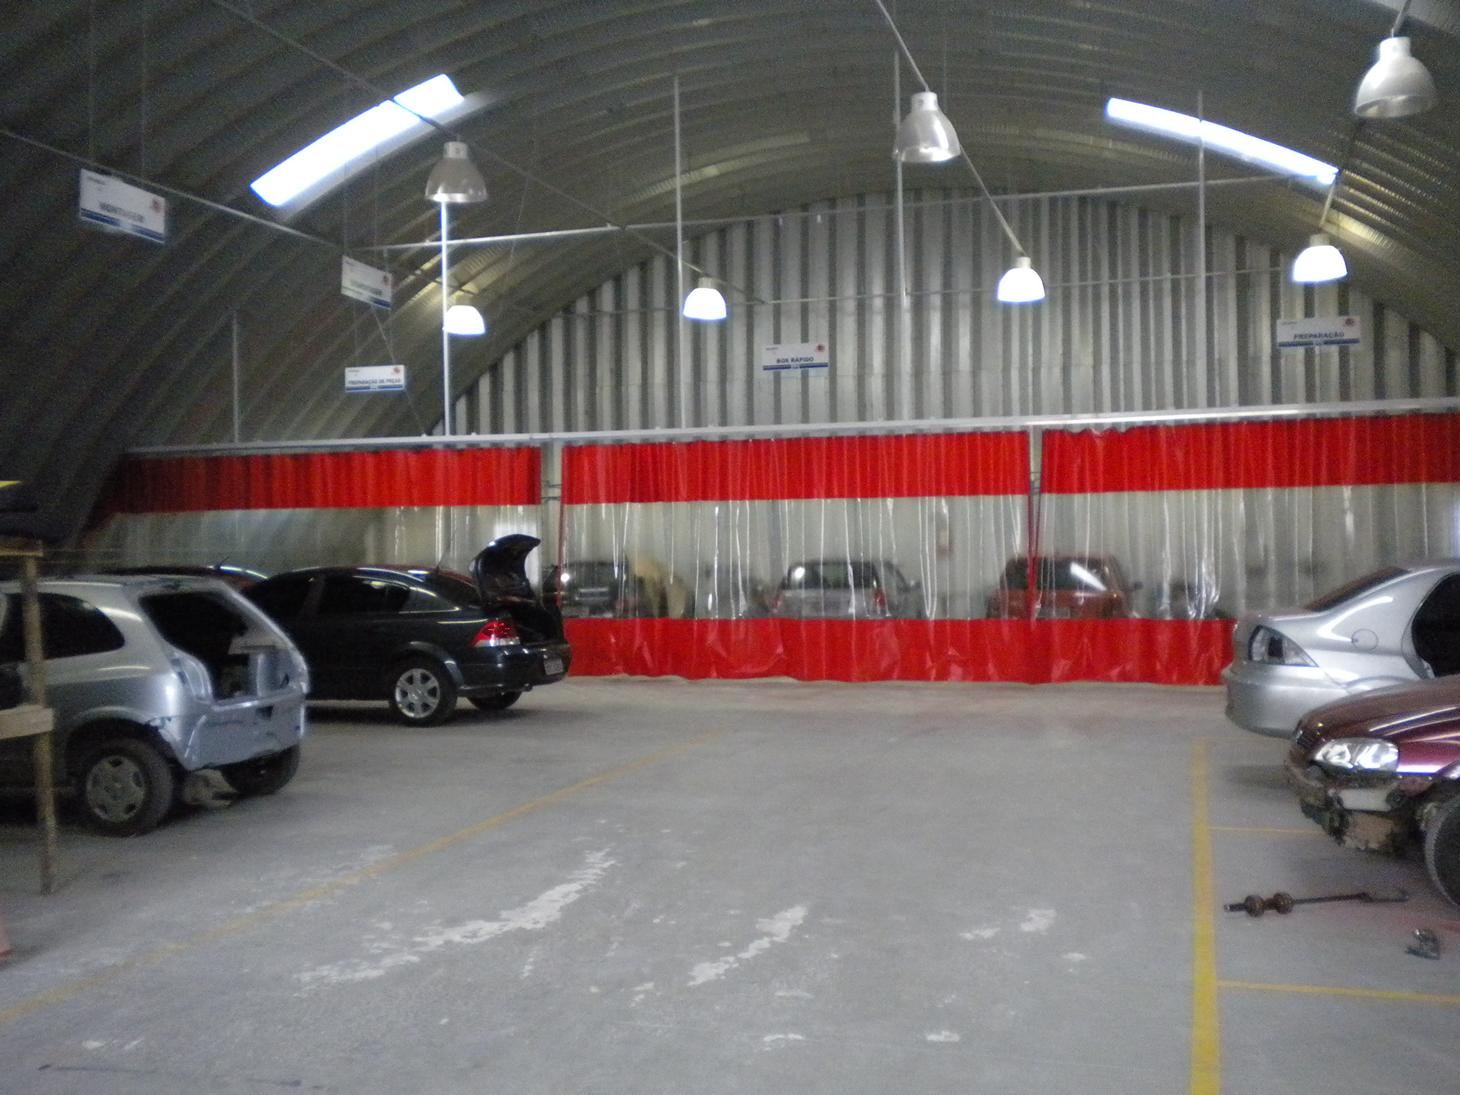 Comerciais/Lojas/Mercados 4